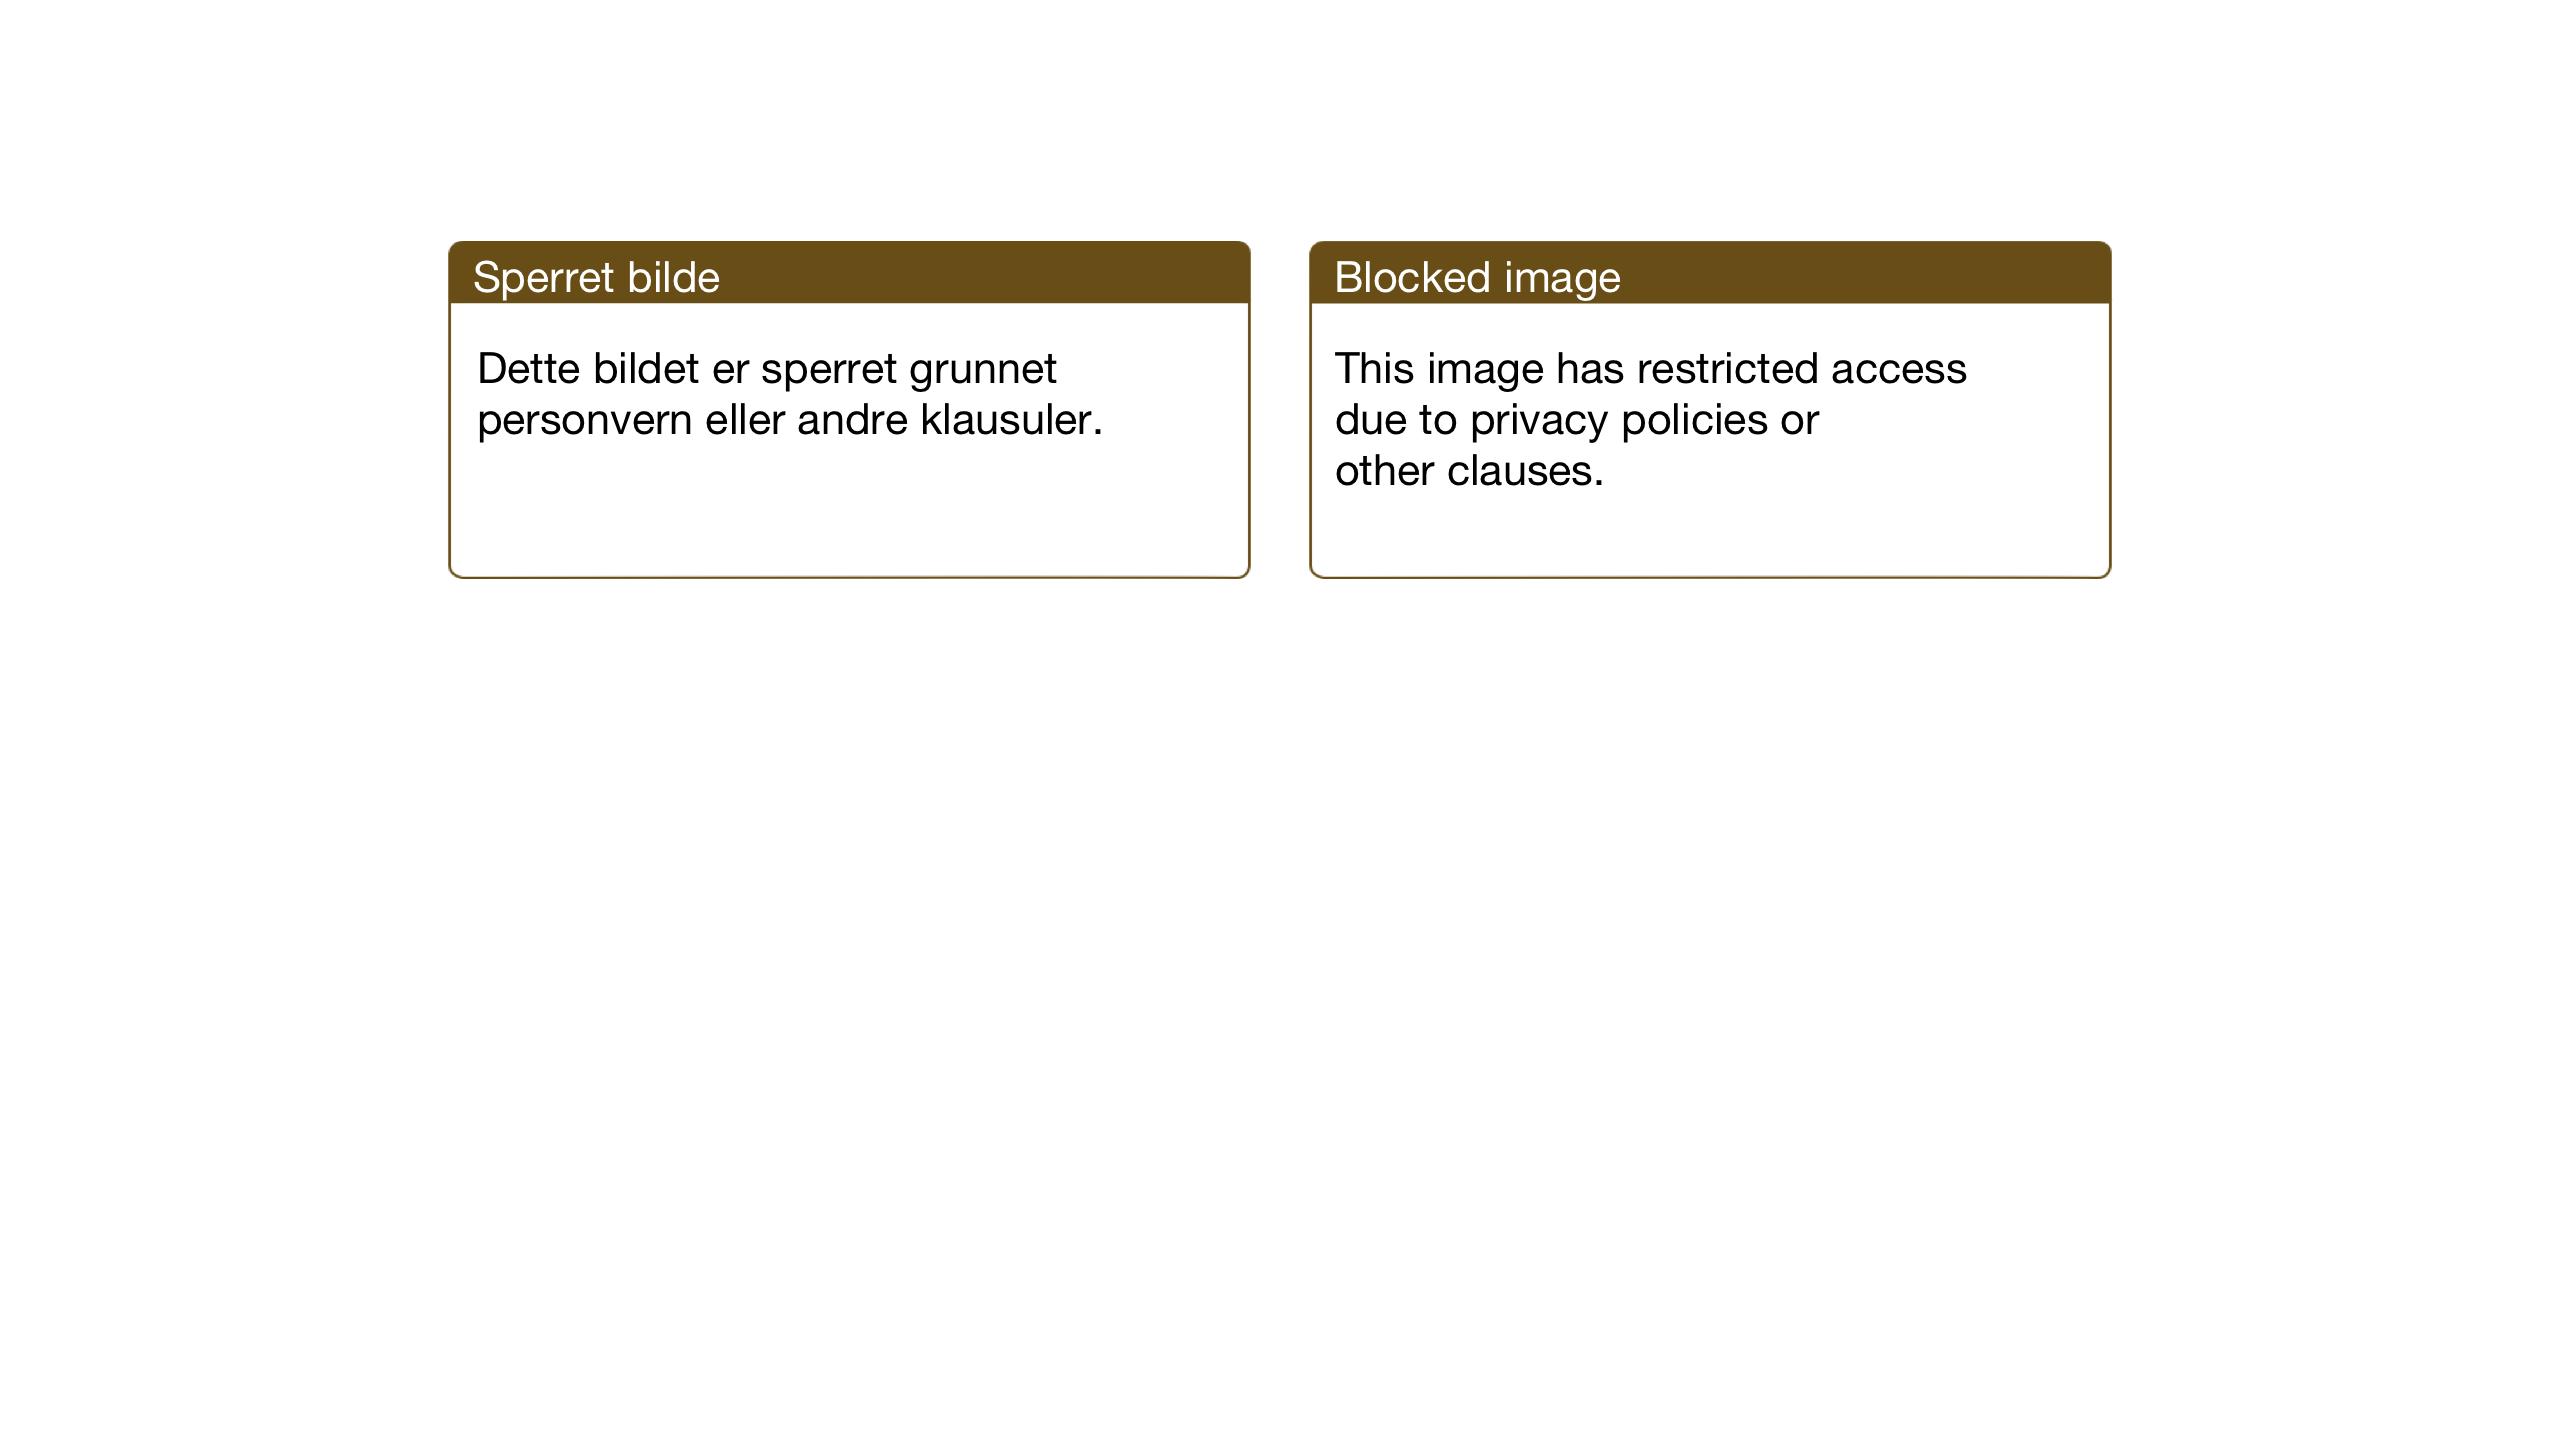 RA, Justisdepartementet, Sivilavdelingen (RA/S-6490), 2000, s. 594